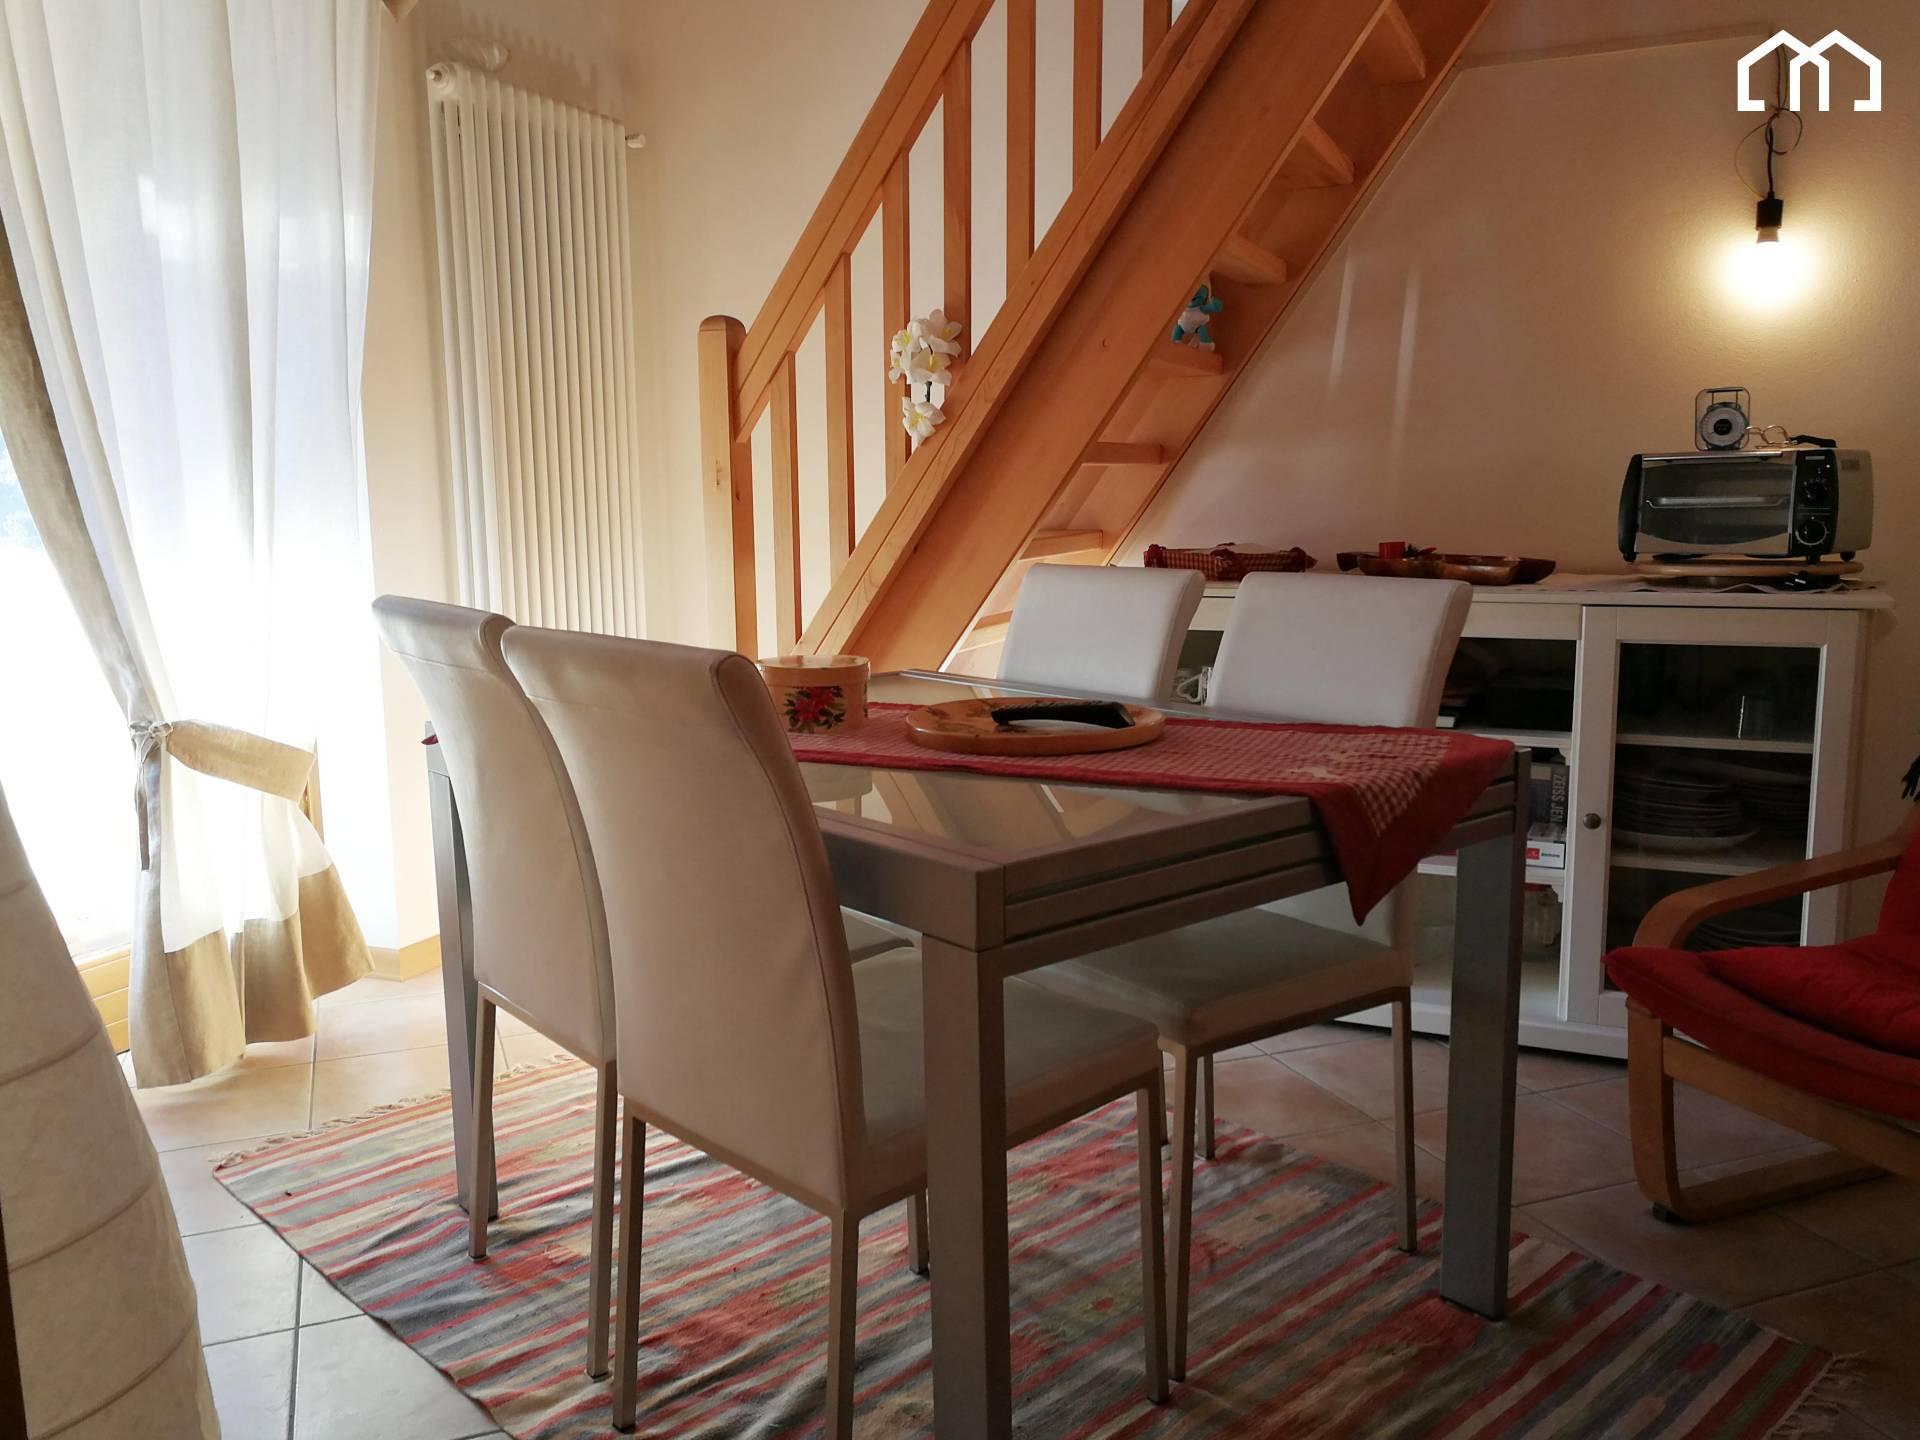 Appartamento in vendita a Arsiè, 3 locali, zona Località: SanVito, prezzo € 55.000 | CambioCasa.it